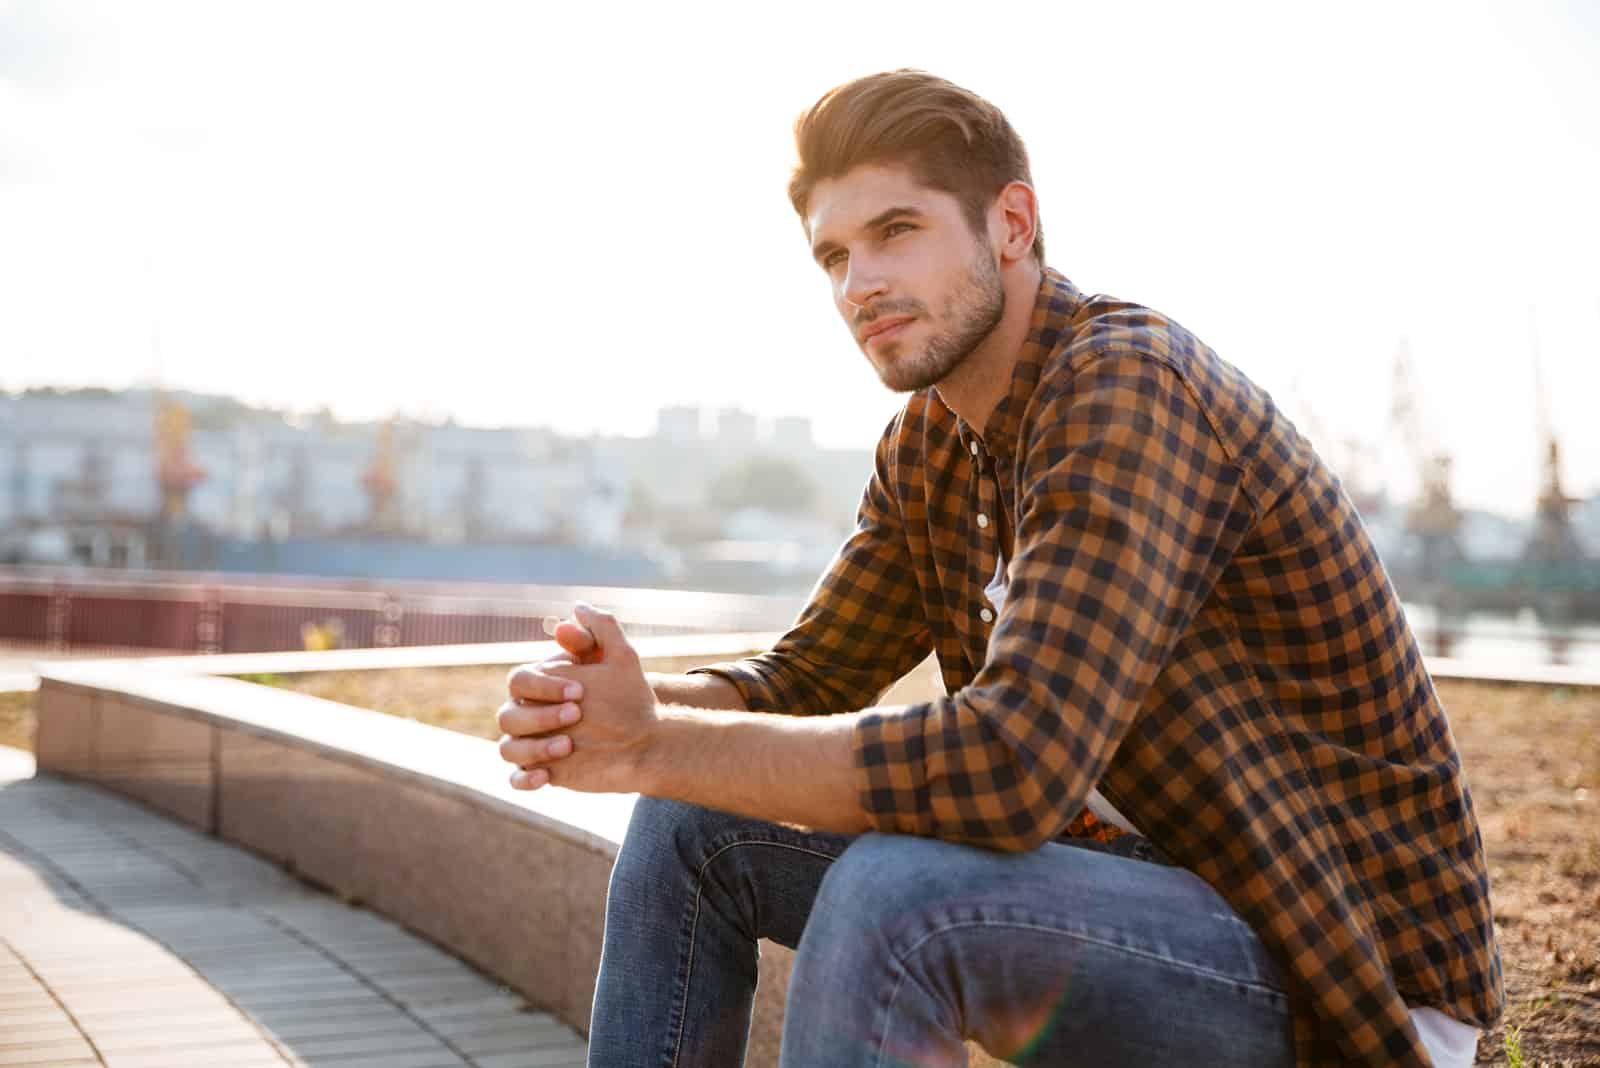 Mann sitzt und denkt draußen